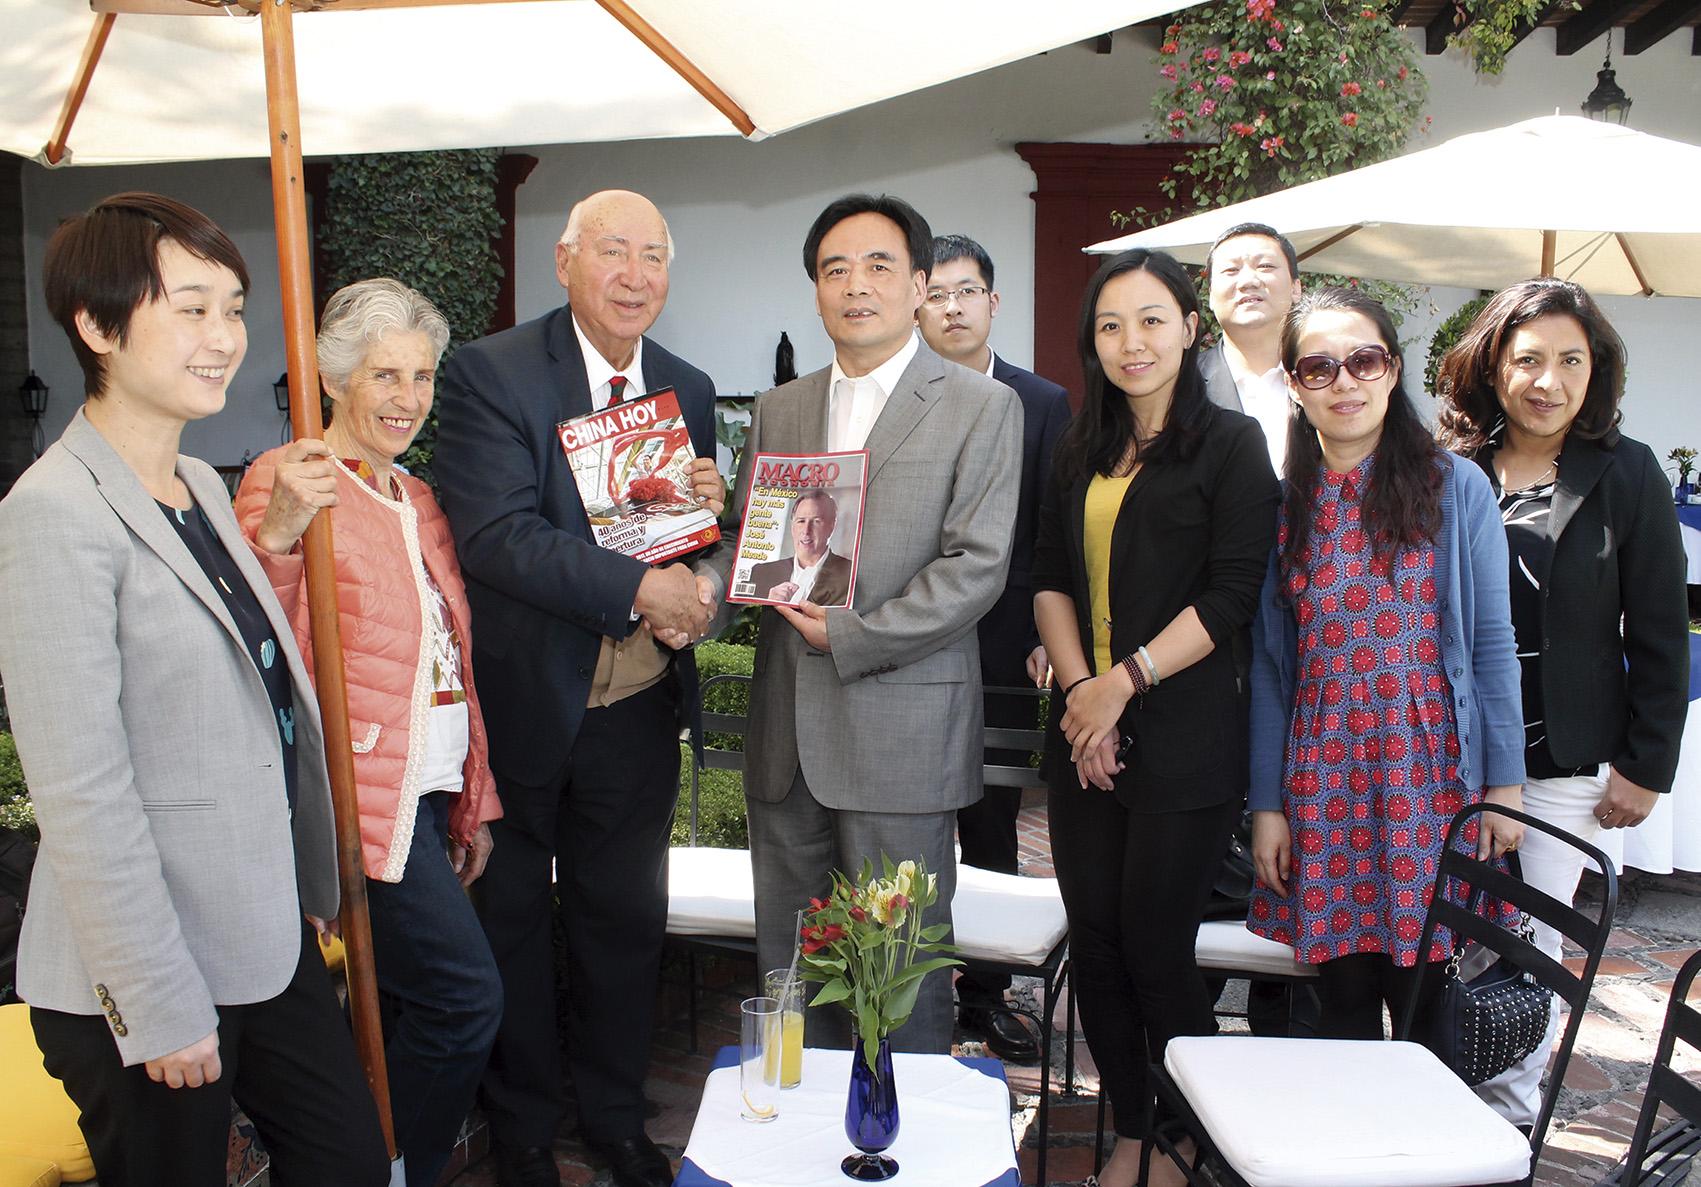 Photo of La Revista Macroeconomía y la Revista China Hoy confirman sus lazos de cooperación y amistad